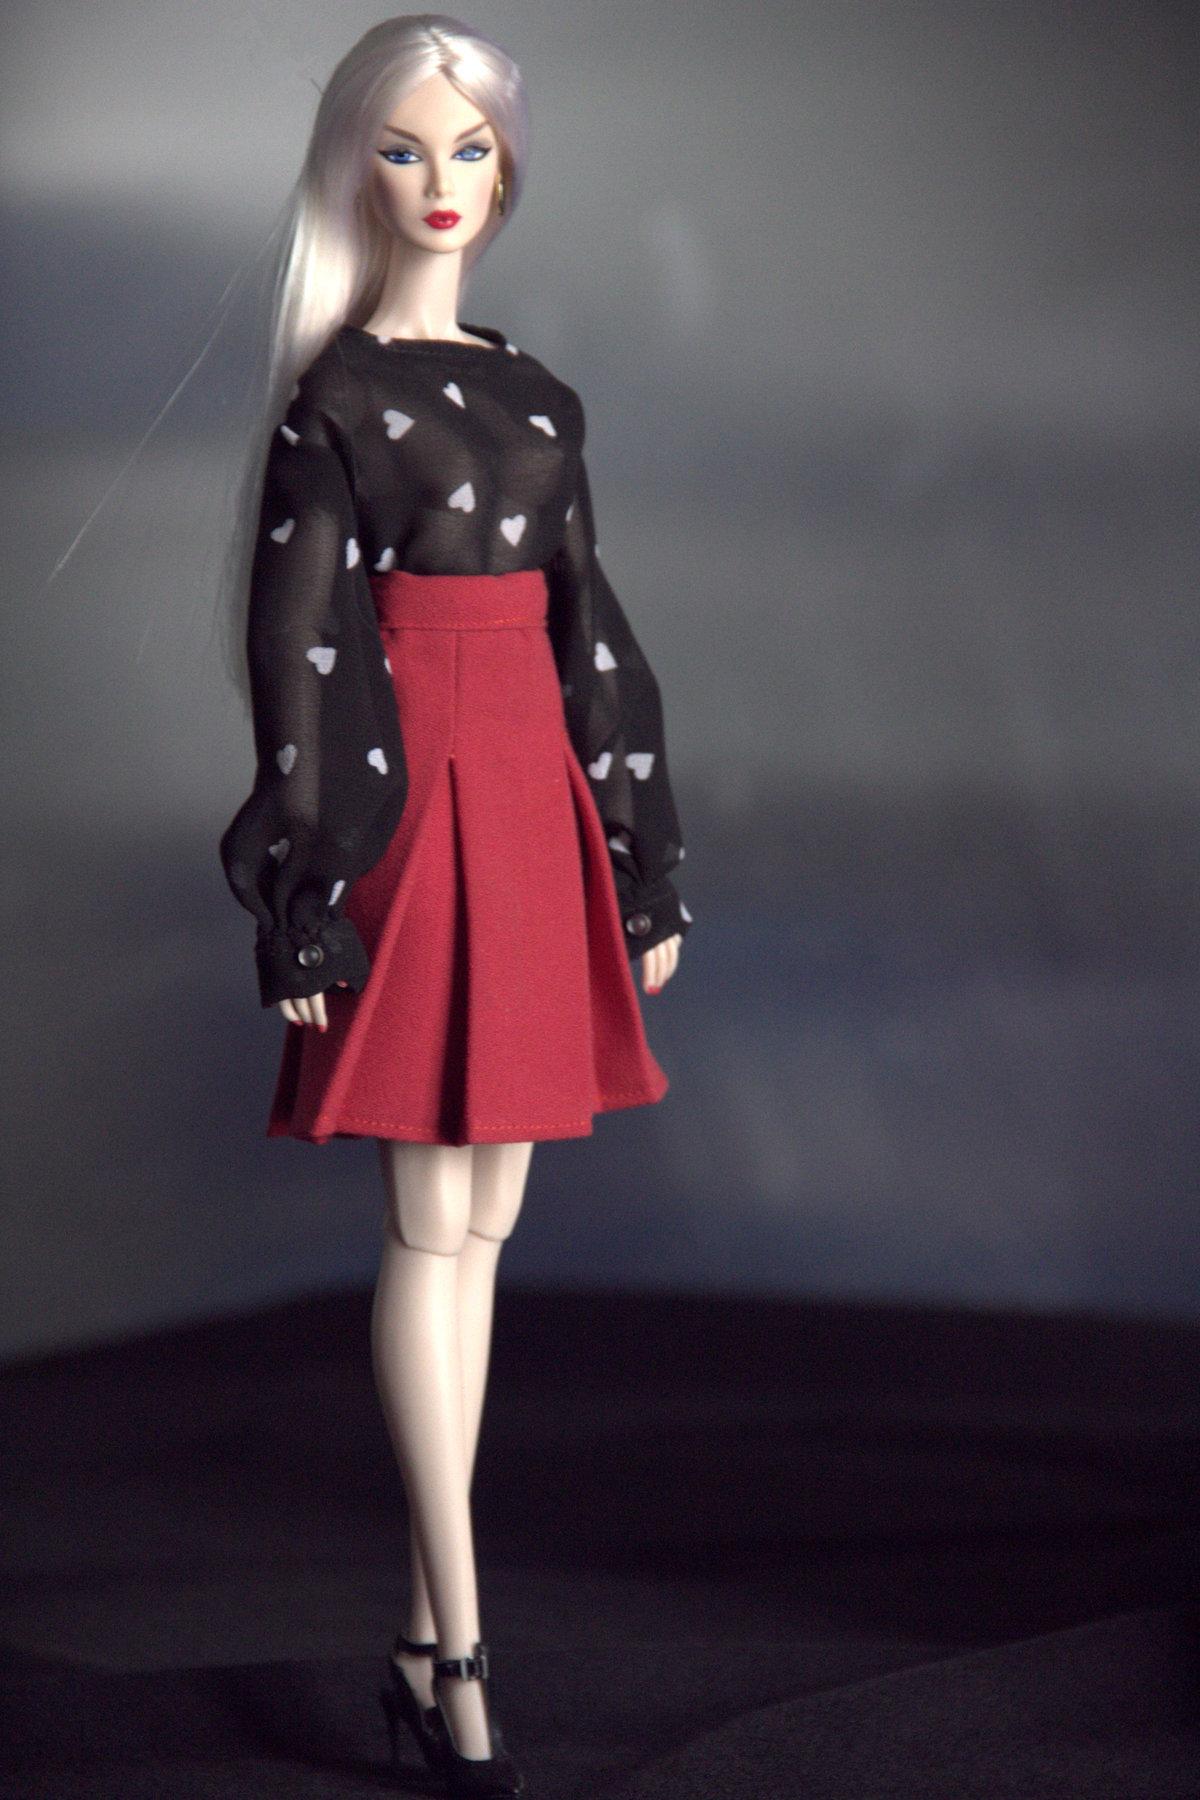 Fashion royalty doll sale